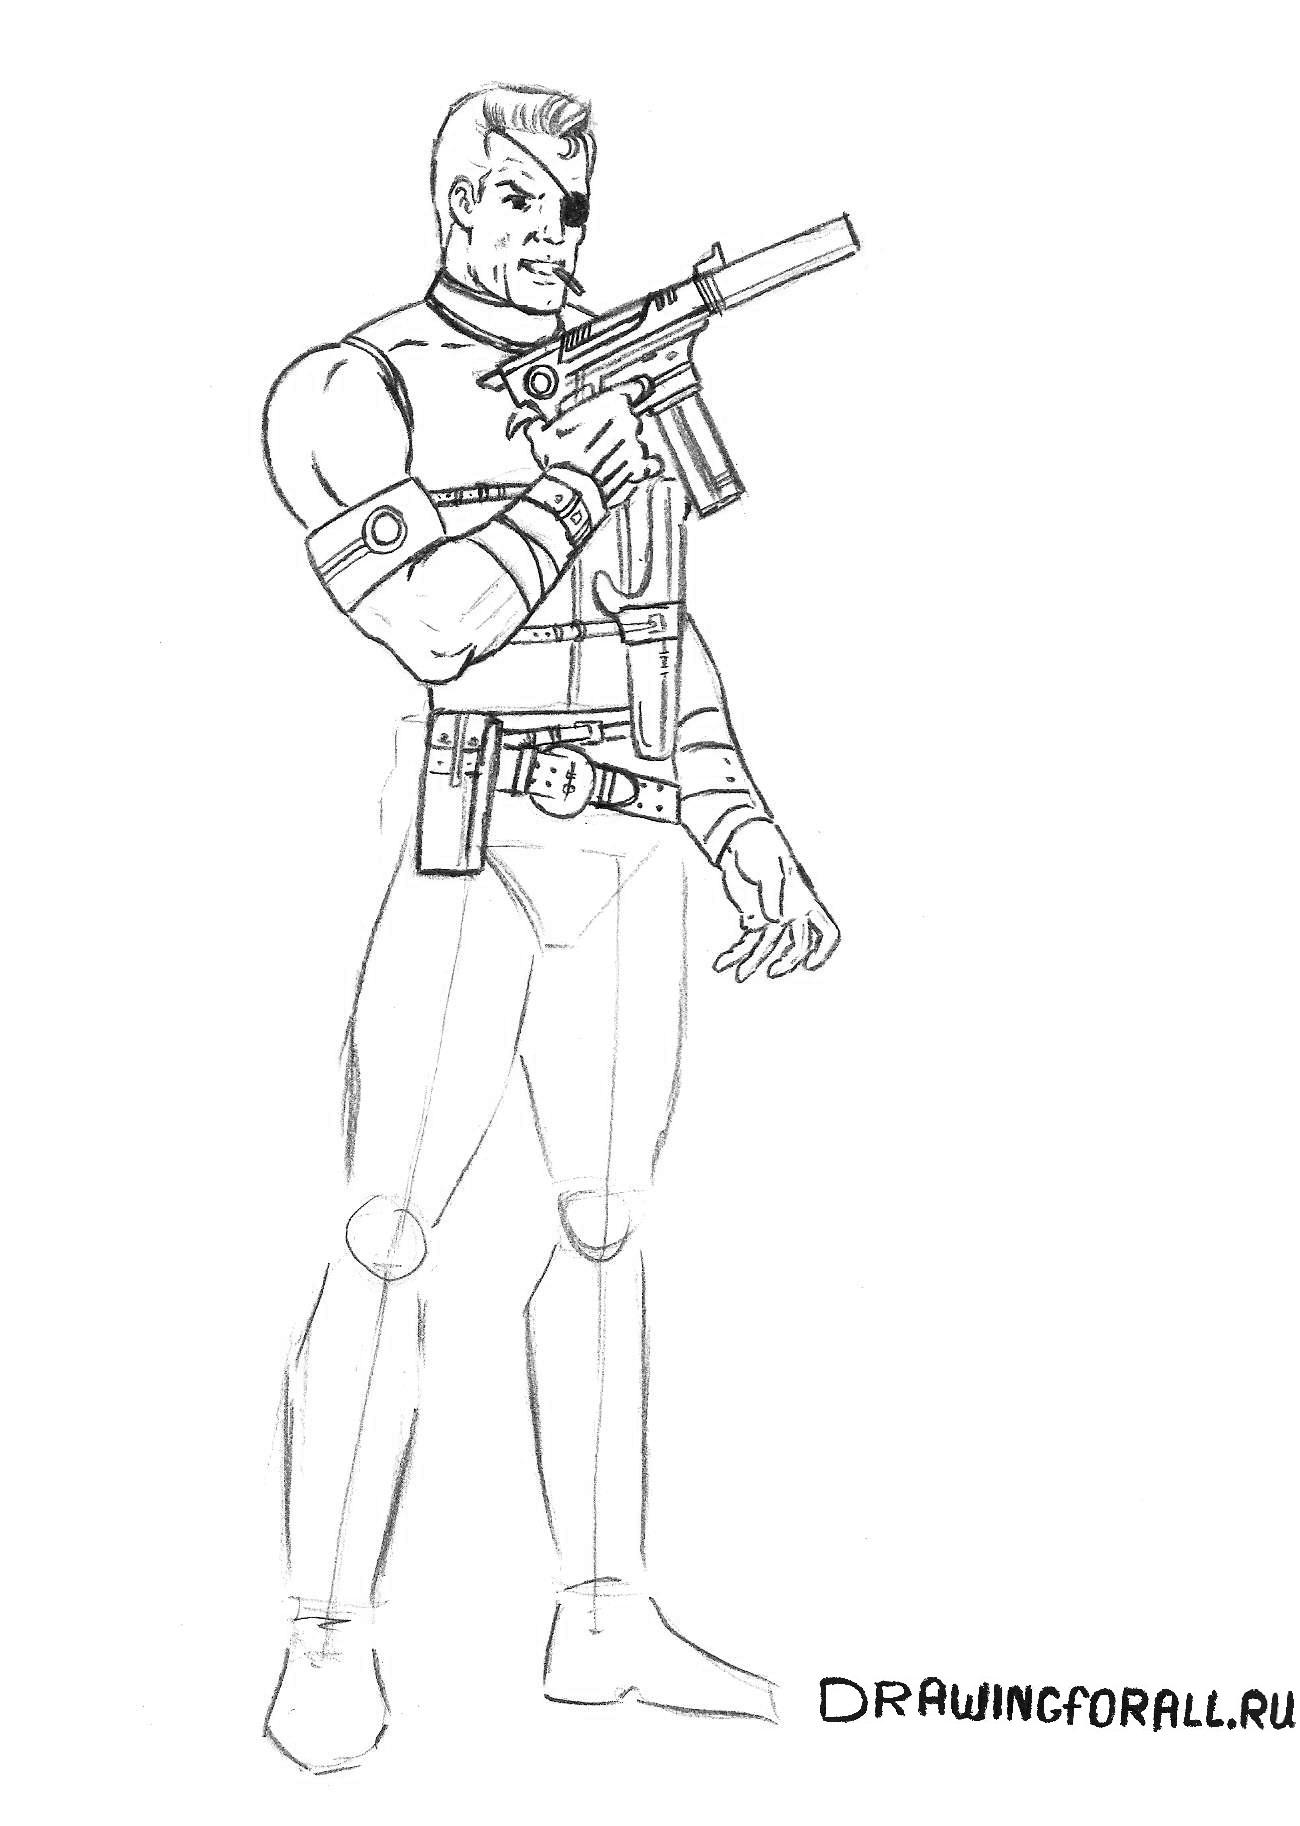 Как нарисовать спецагента